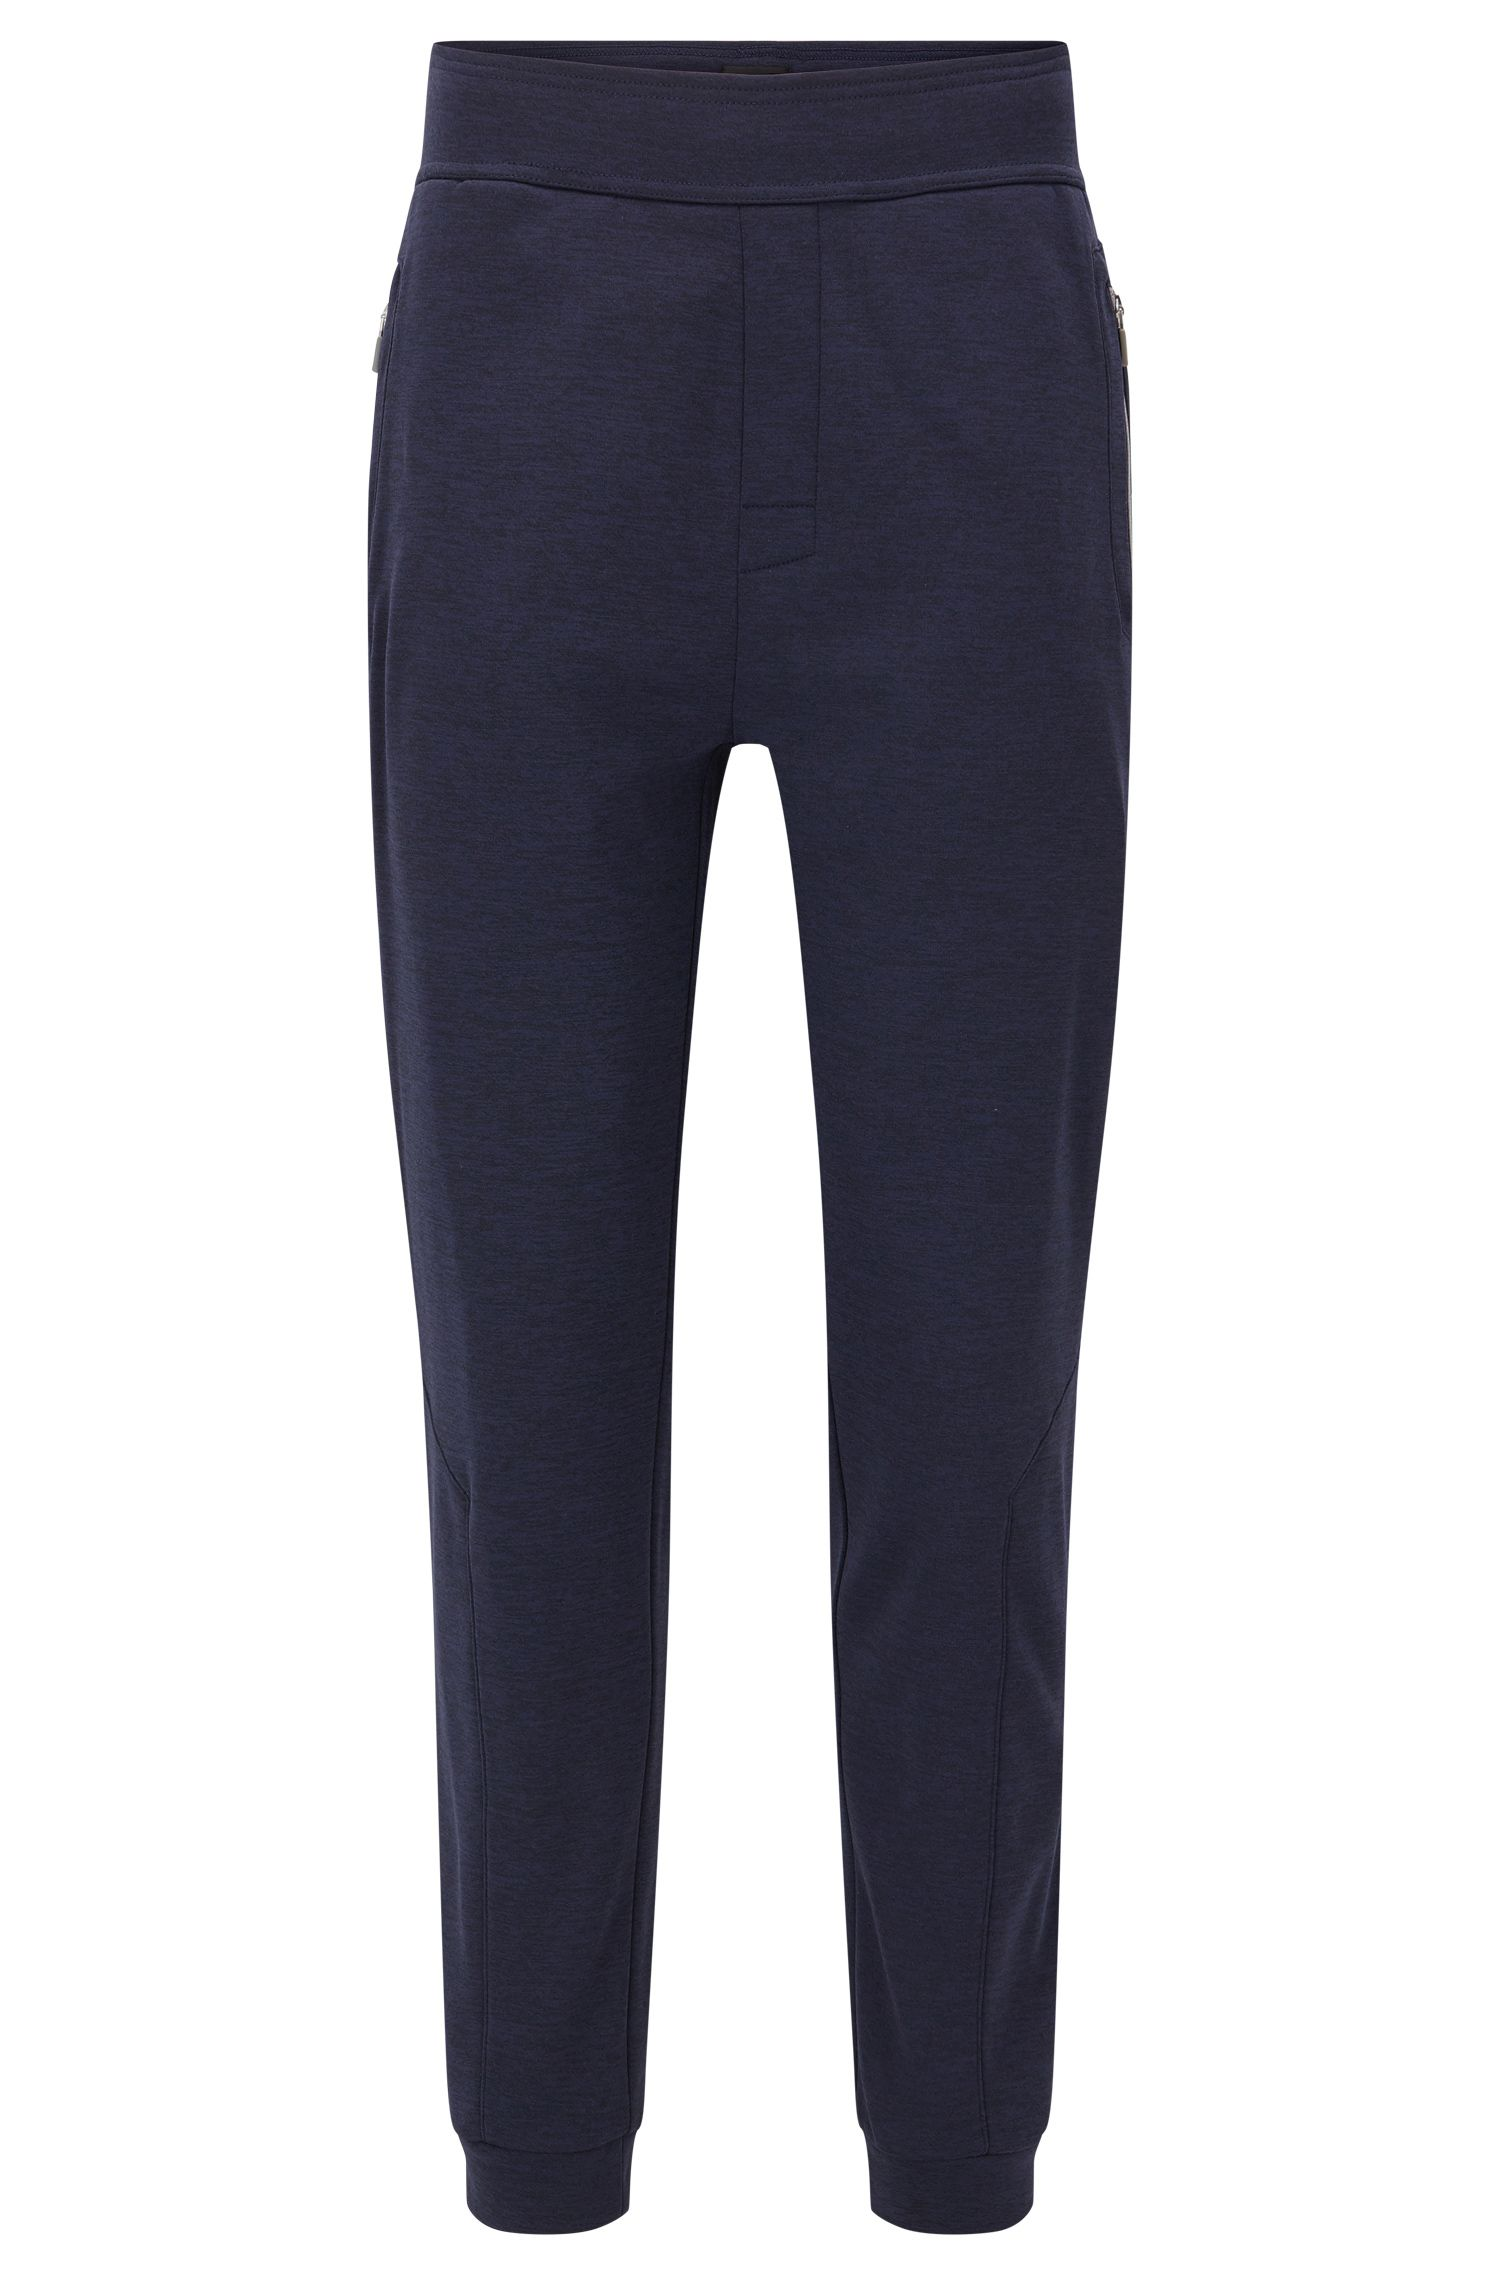 Pantalon détente en tissu technique doublé de polaire